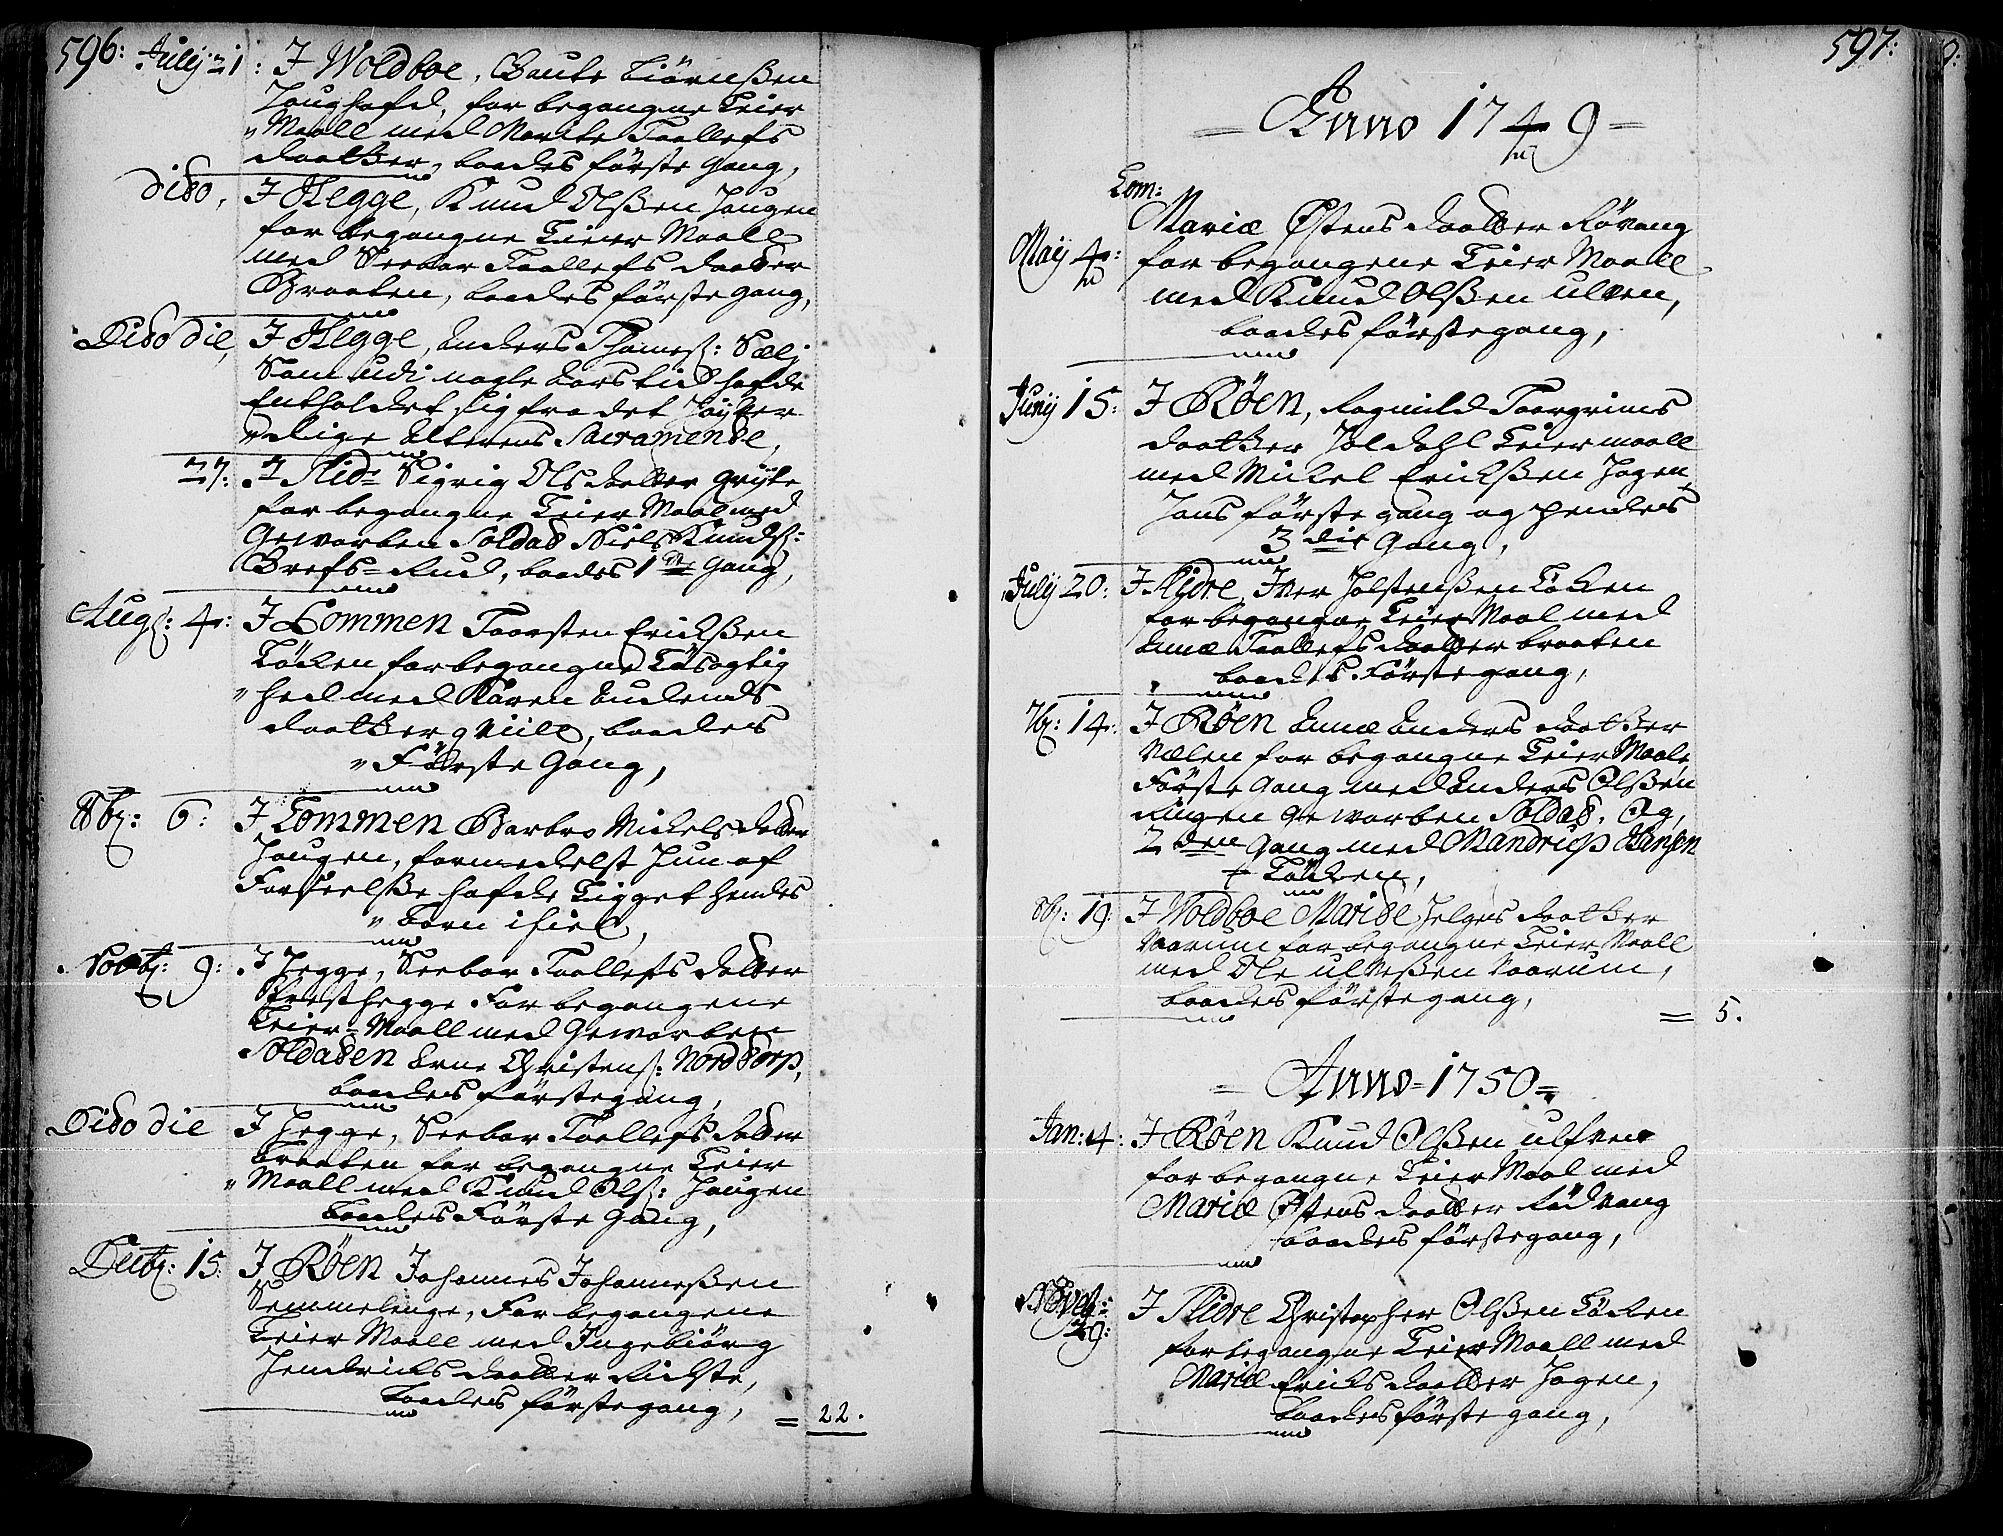 SAH, Slidre prestekontor, Ministerialbok nr. 1, 1724-1814, s. 596-597